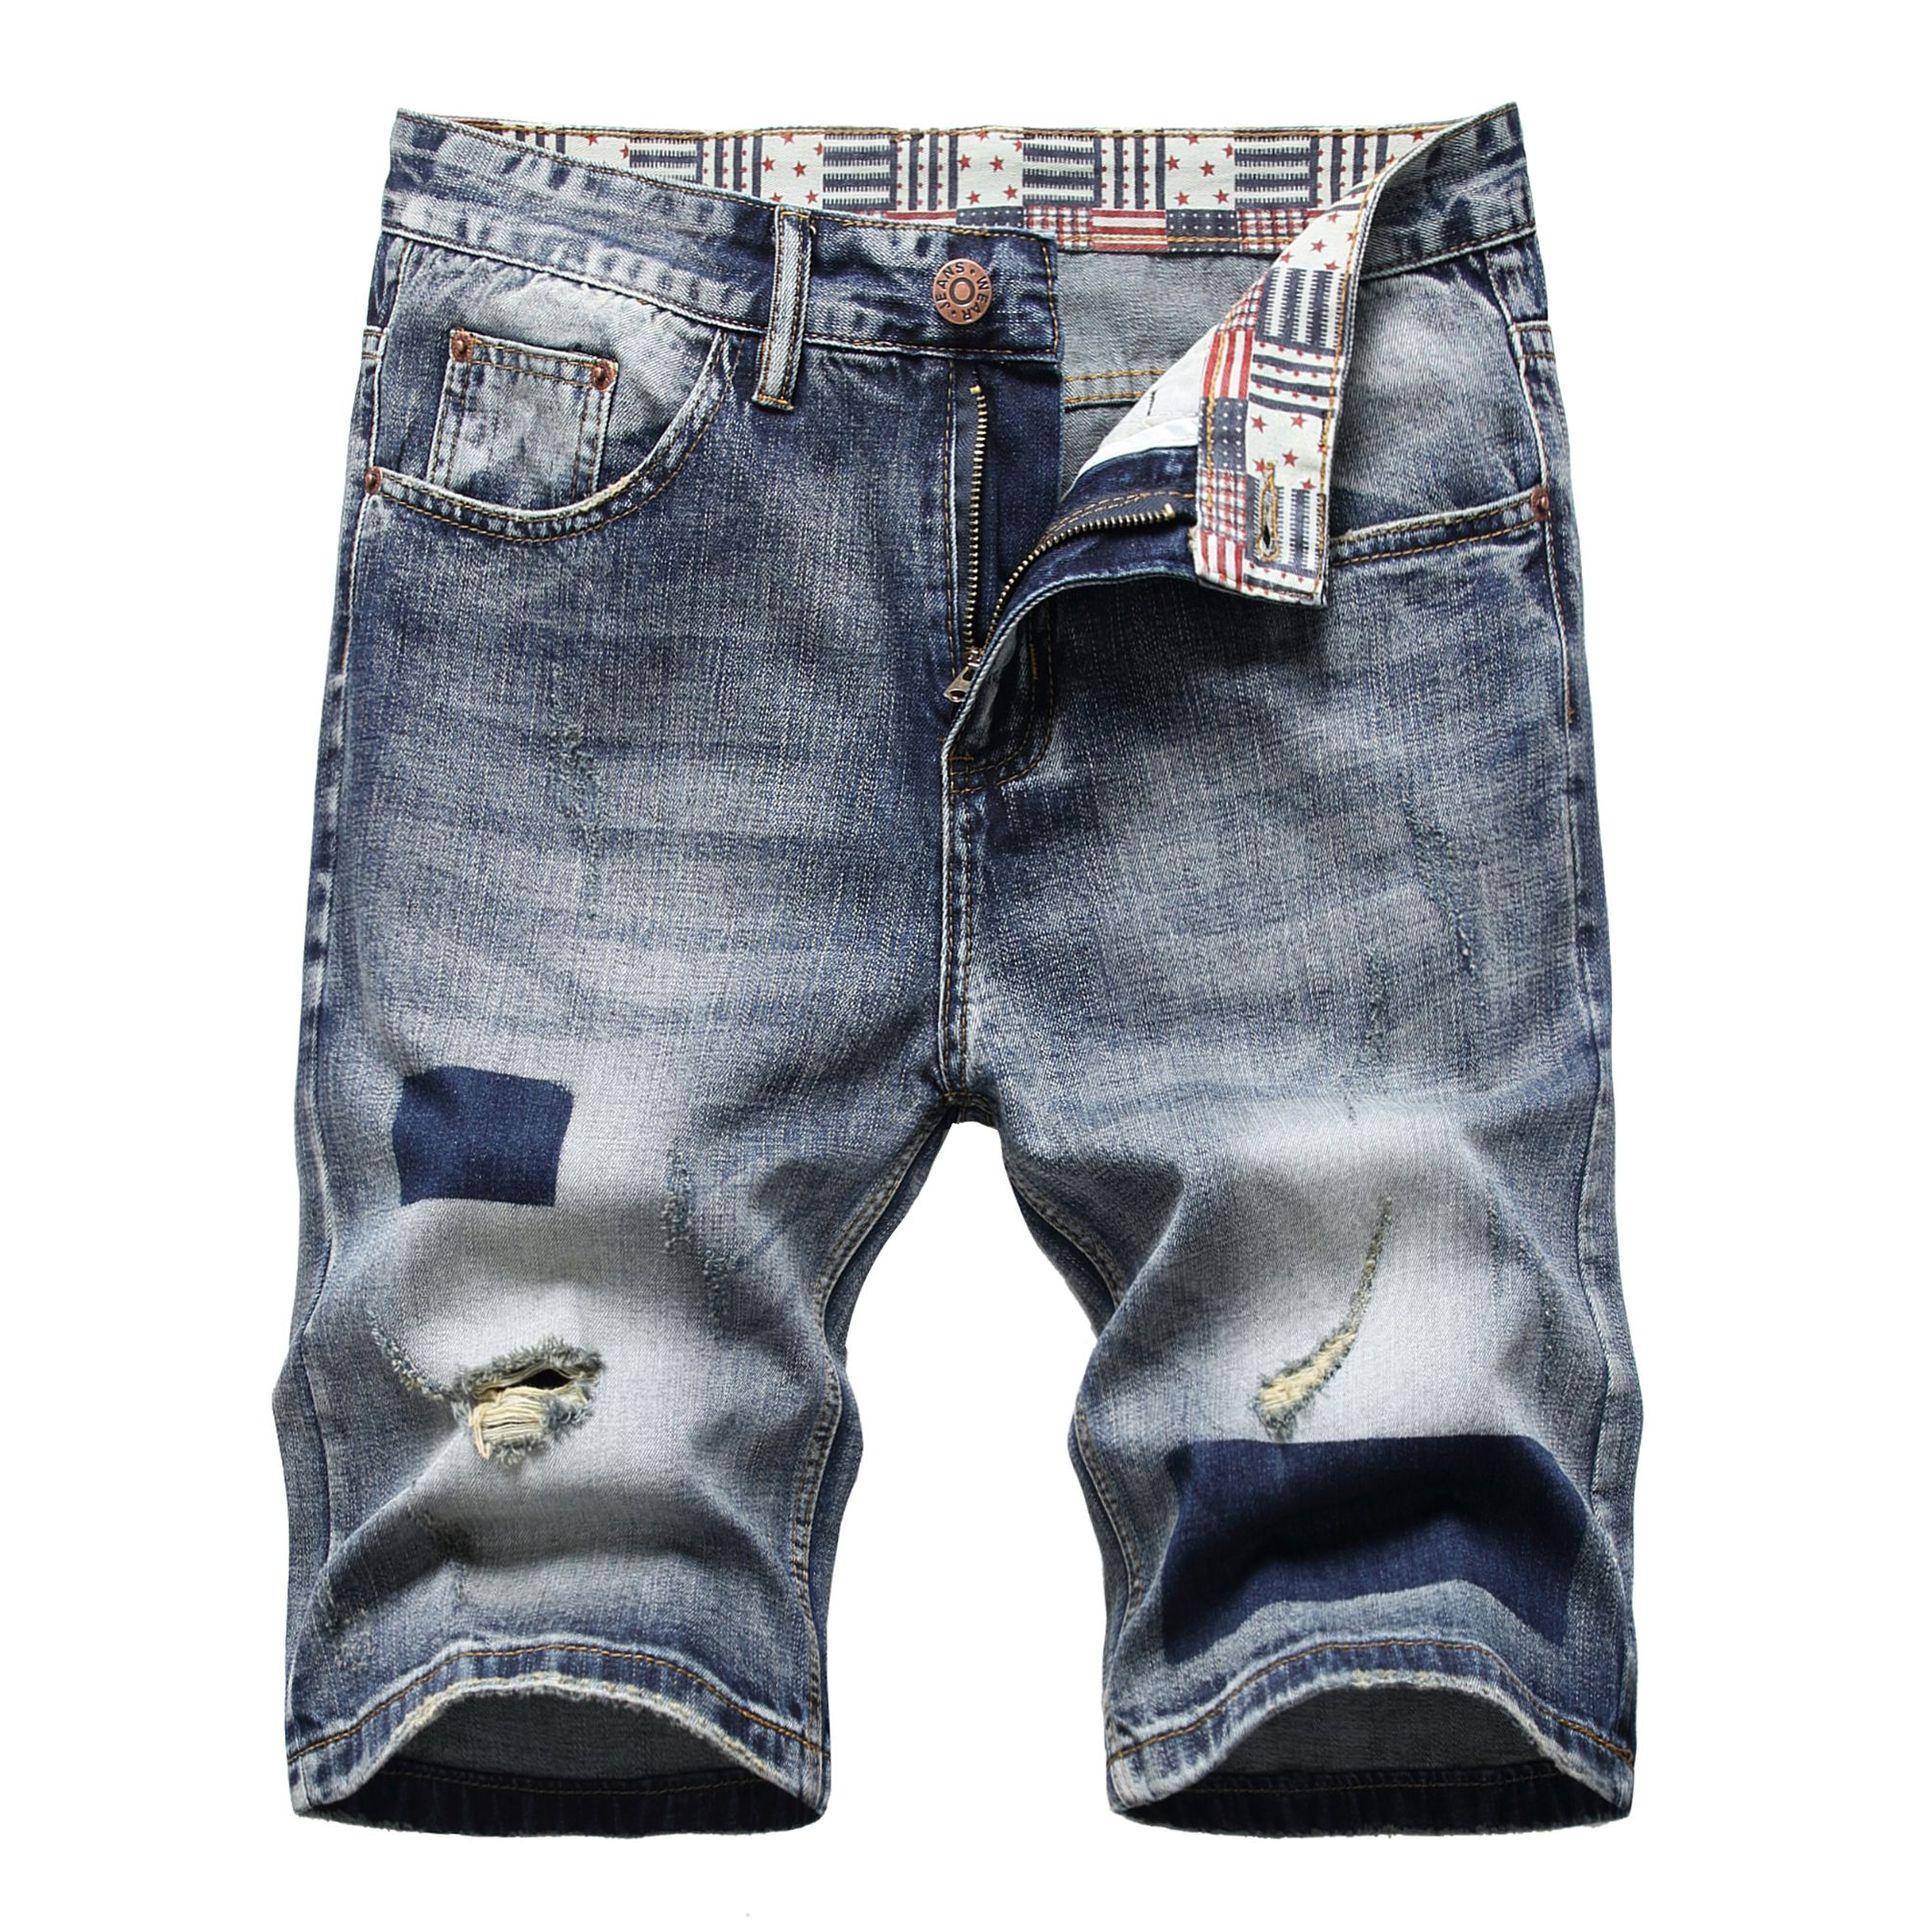 Hombres diseñador impreso Pantalones cortos de mezclilla Pollado de verano Tamaño grande Casual Romada casual Agujeros angustiados para hombre Jeans Slim Fit Men's Shorts Pantalones D663